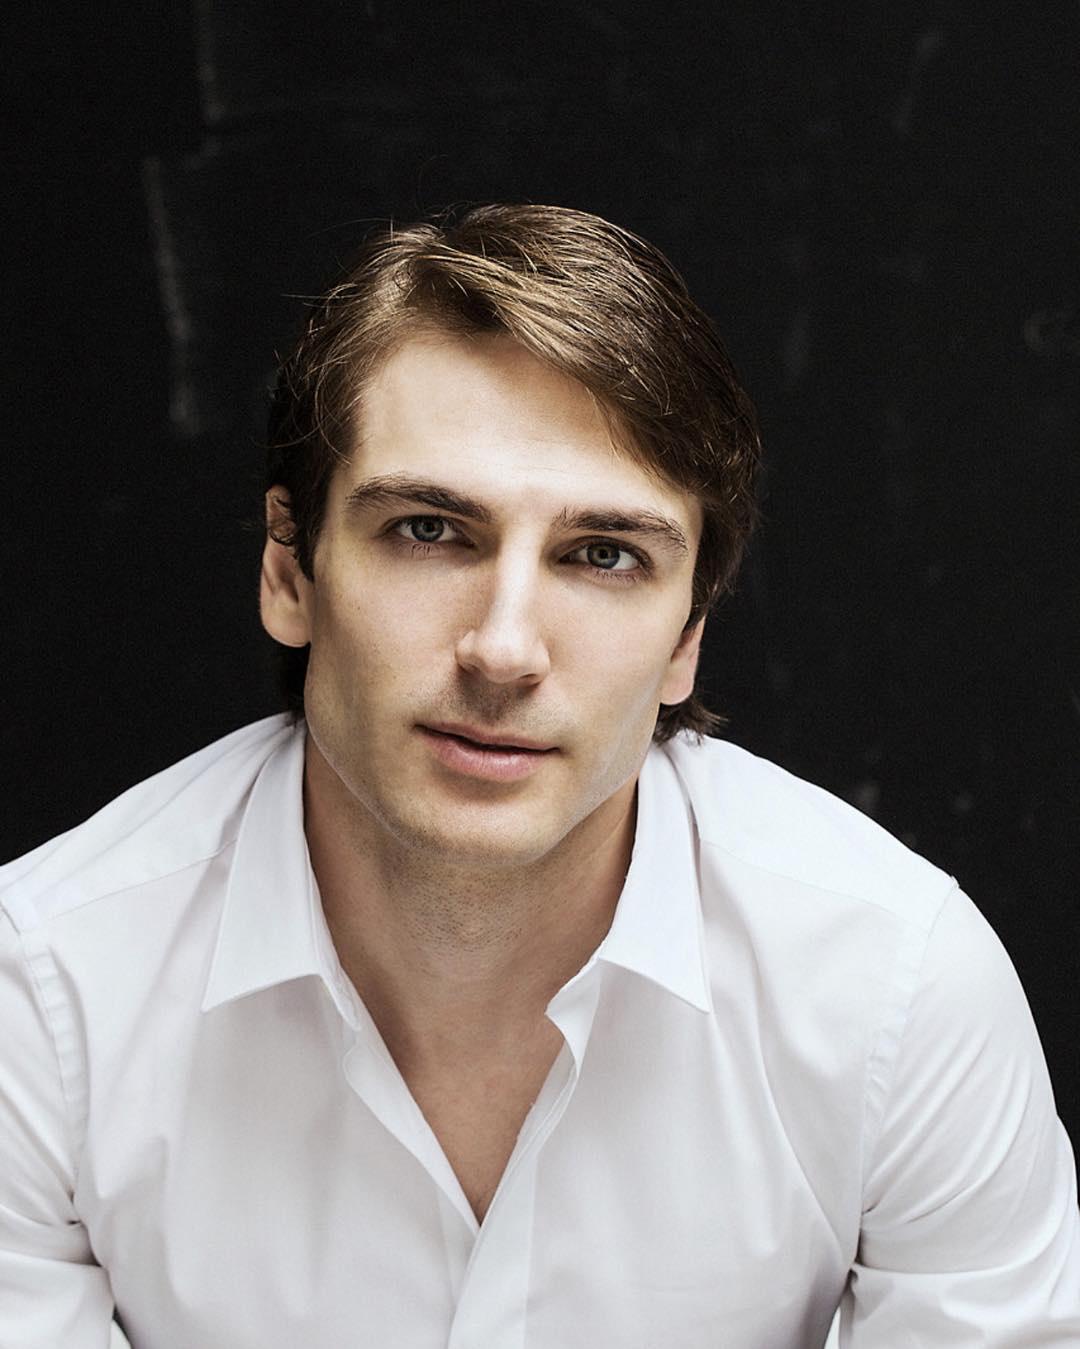 Сегодня день рождения отмечает Пшеничный Михаил Владимирович.